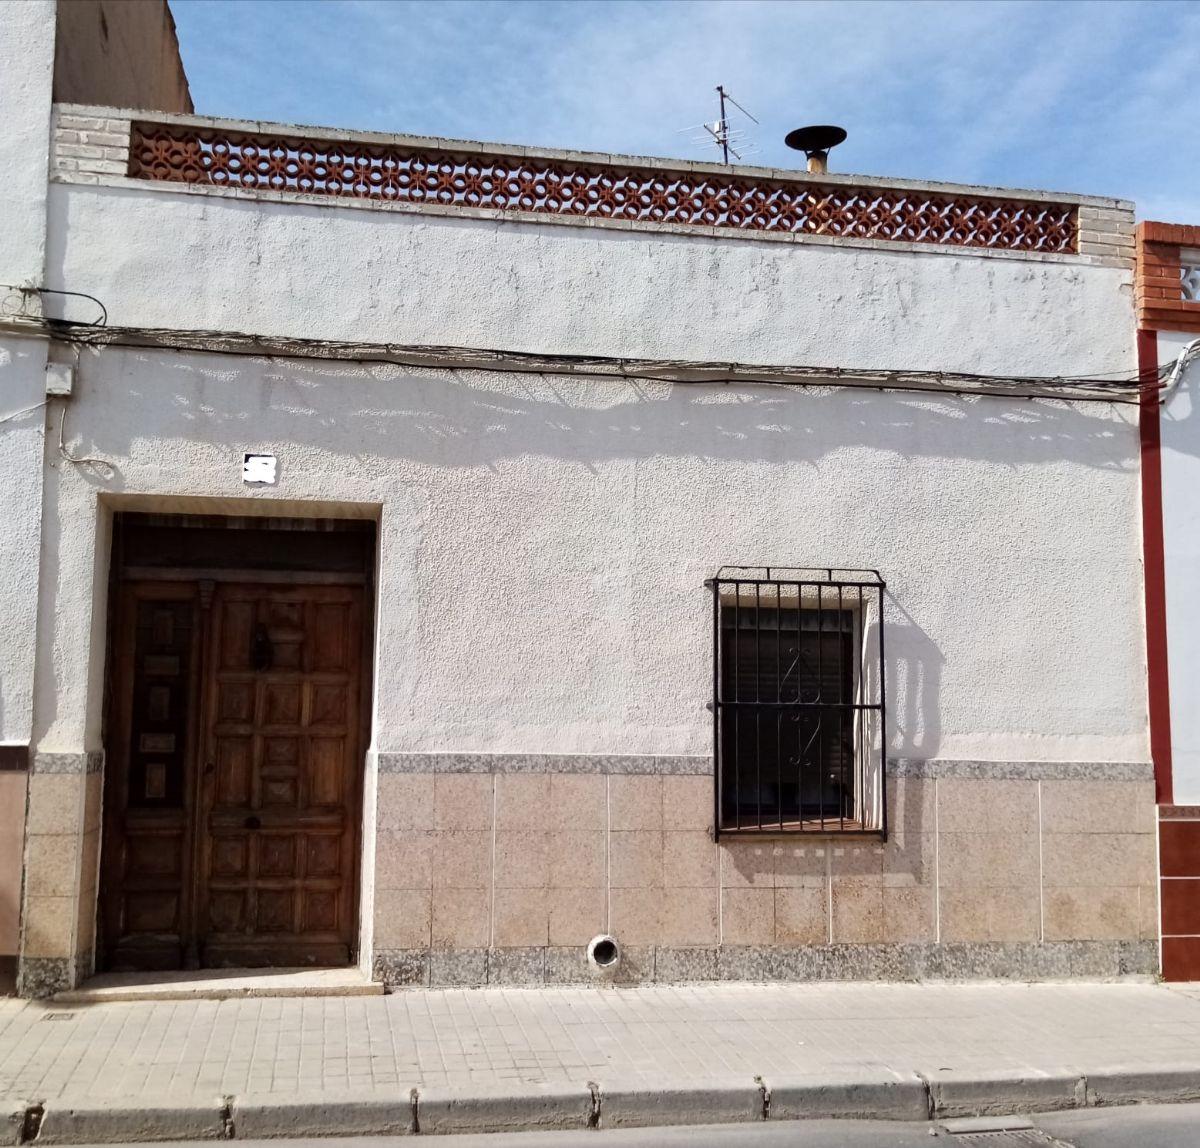 Casa en venta en Tomelloso, Ciudad Real, Calle Altillo, 55.000 €, 4 habitaciones, 1 baño, 200 m2